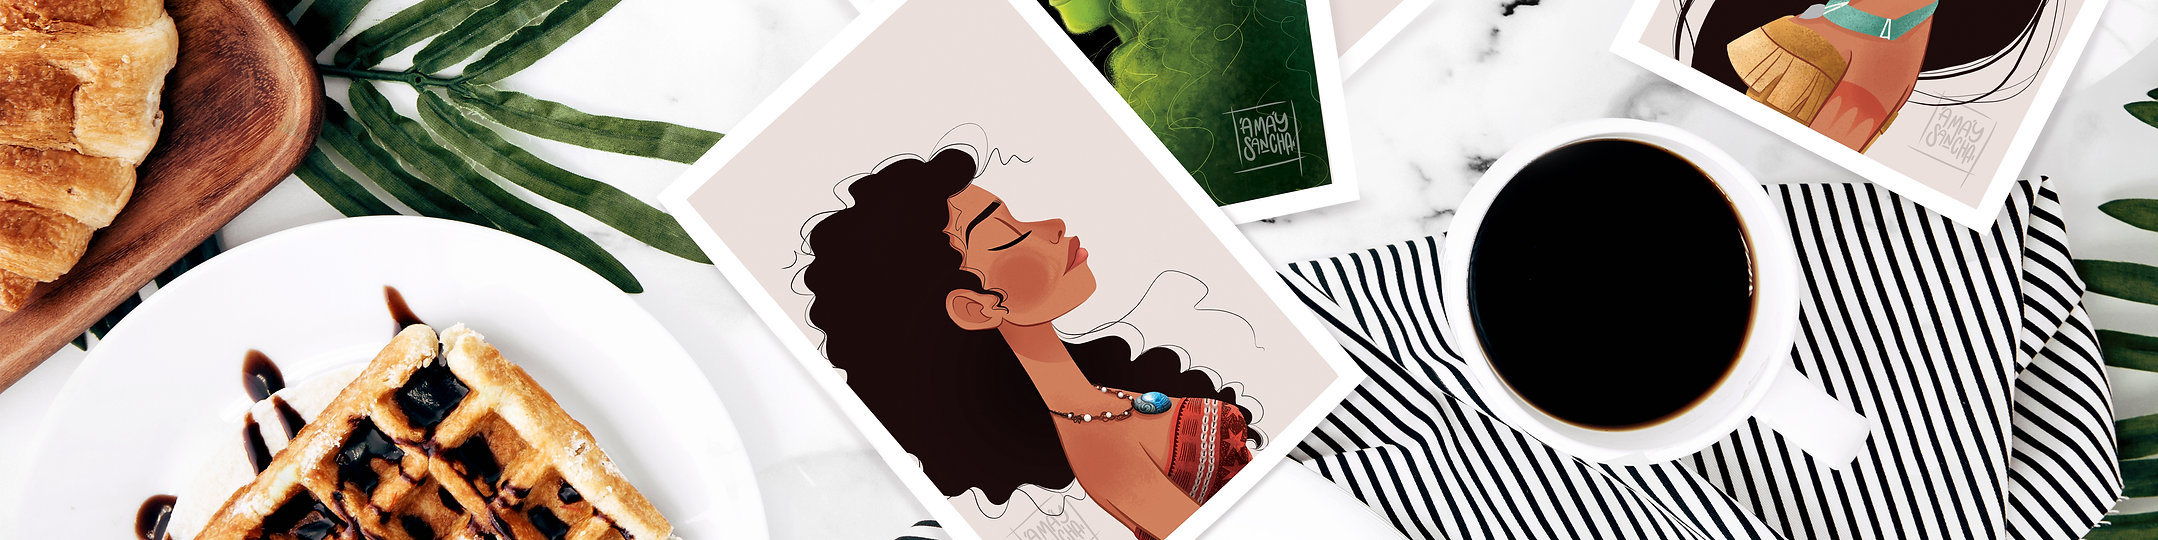 Bannière Amay Sancha Shop, site Internet, cartes postales, illustrations et cie